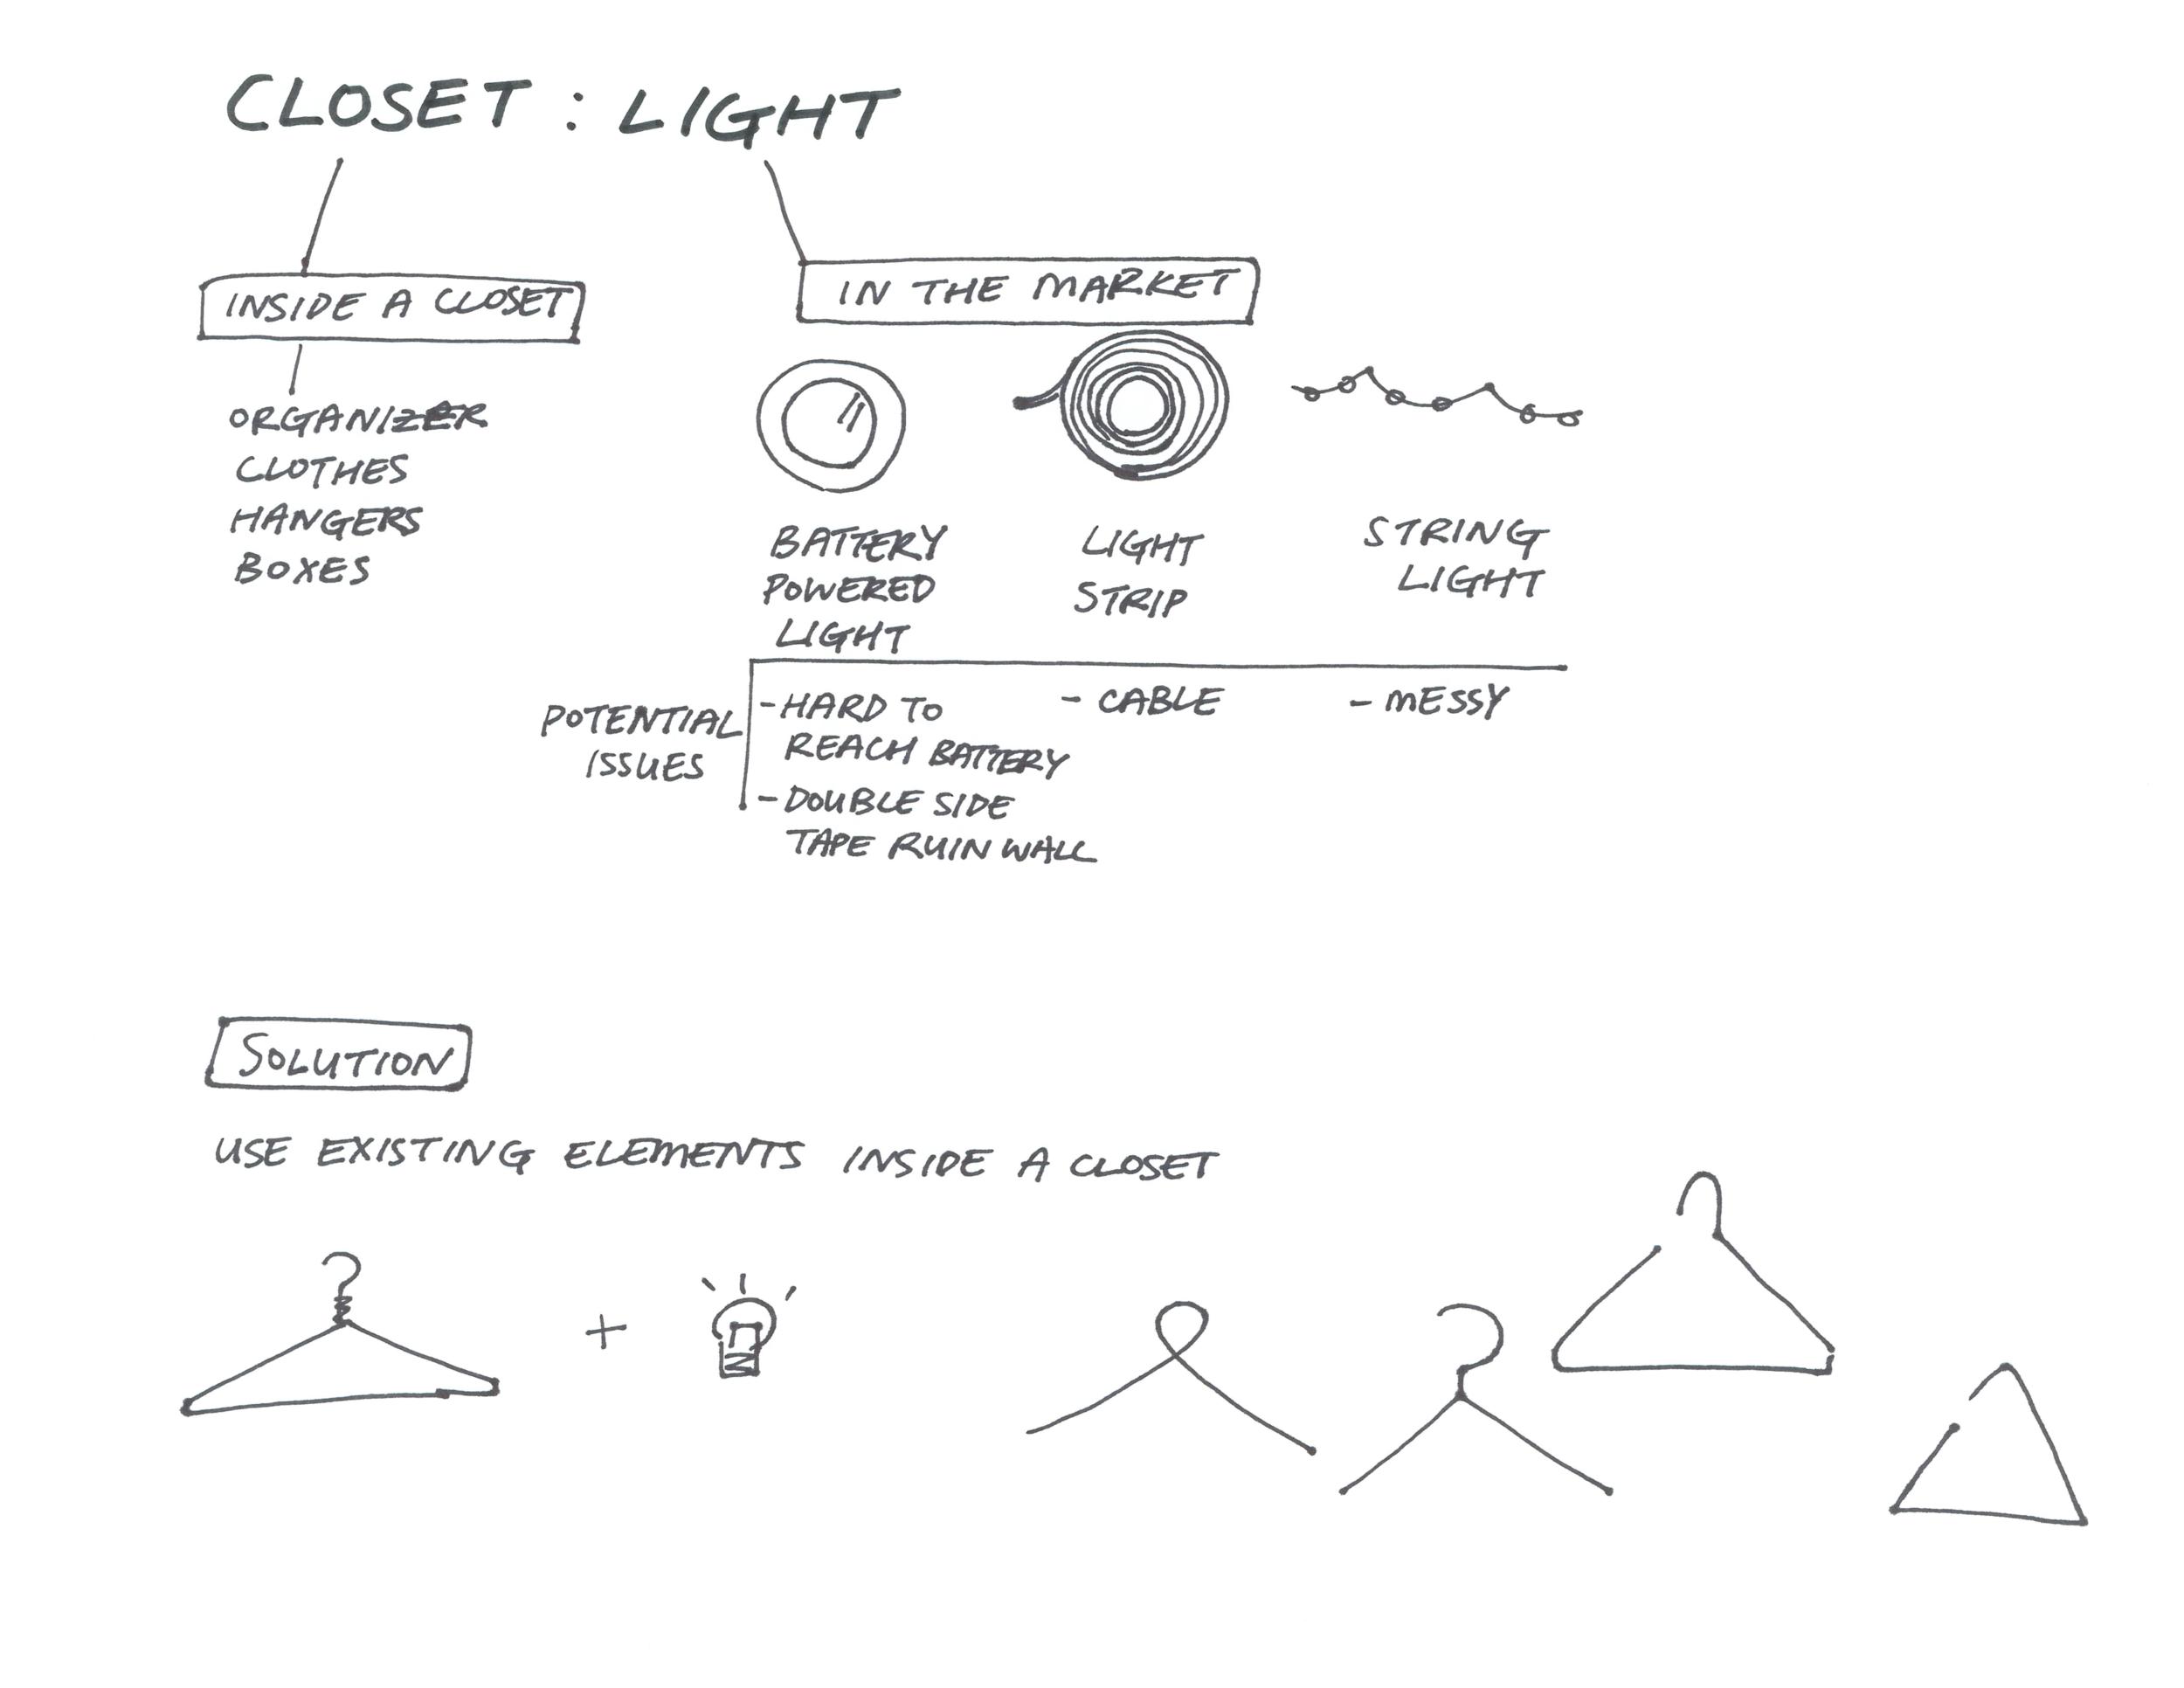 Closet Light1.png